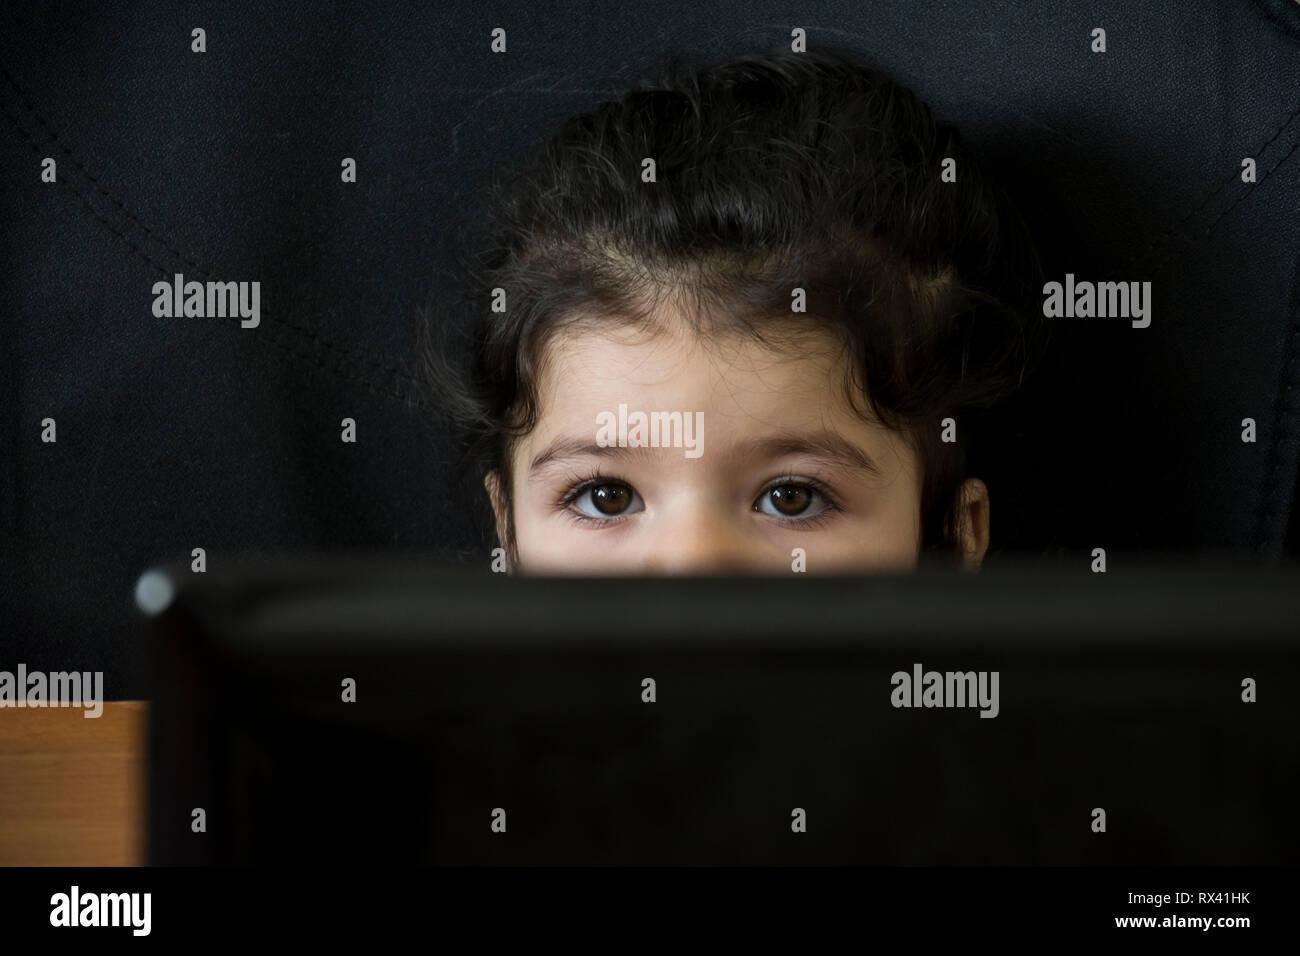 Portrait d'une petite fille inquiète derrière un ordinateur portable, formation informatique pour les enfants, la technologie concept curiosité Photo Stock